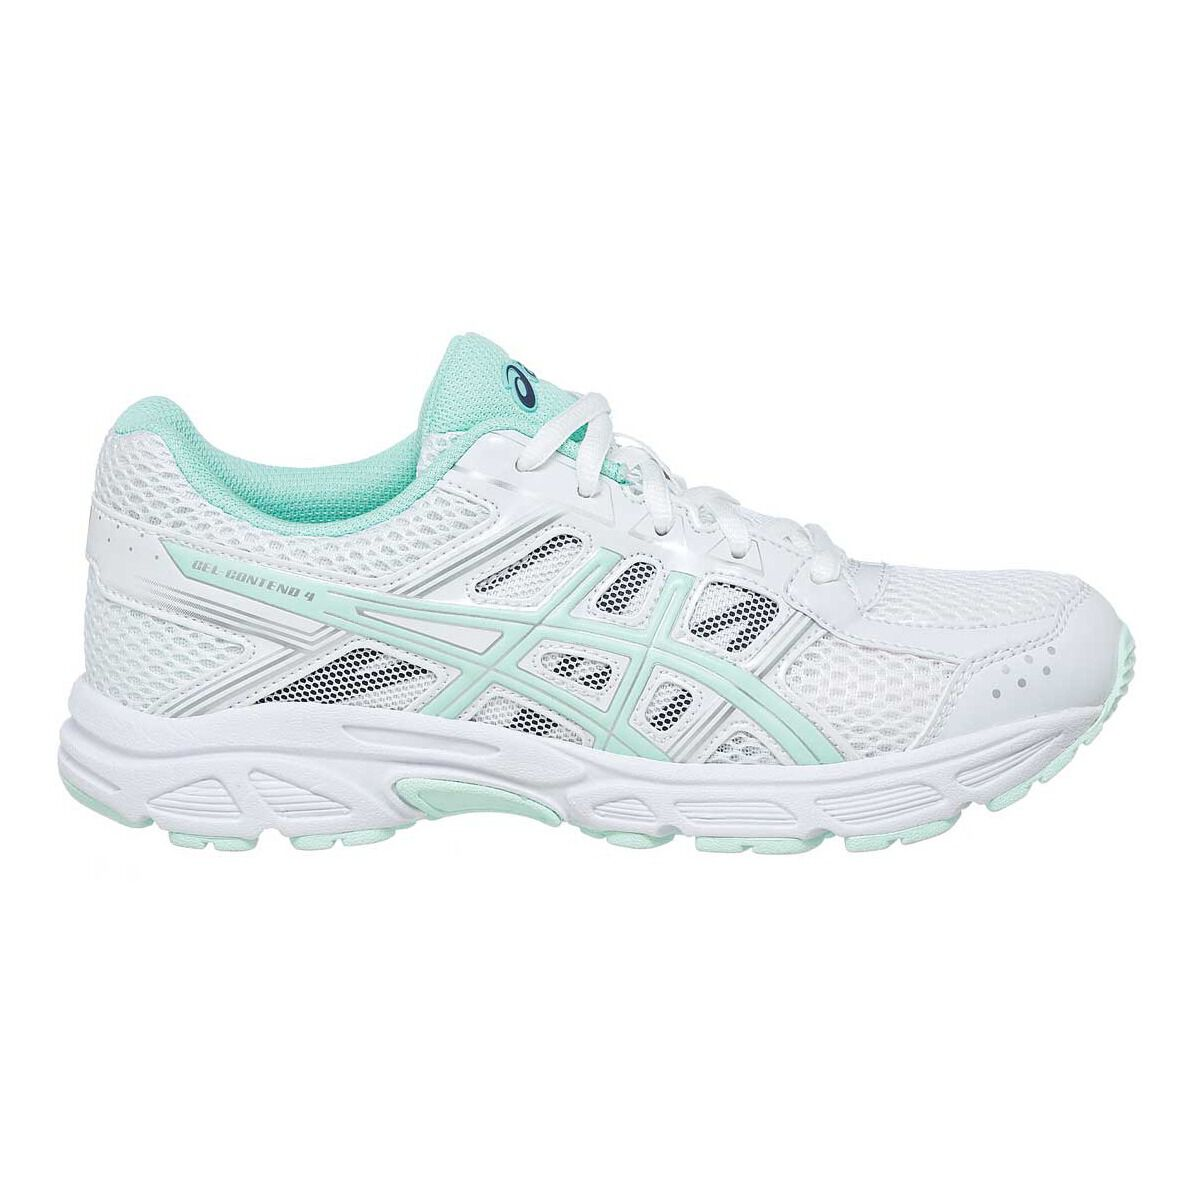 Chaussures de course Asics Gel 6 Contend   4 filles Blanc Blanc/ Vert US 6   724ba5a - pandorajewelrys70offclearance.website